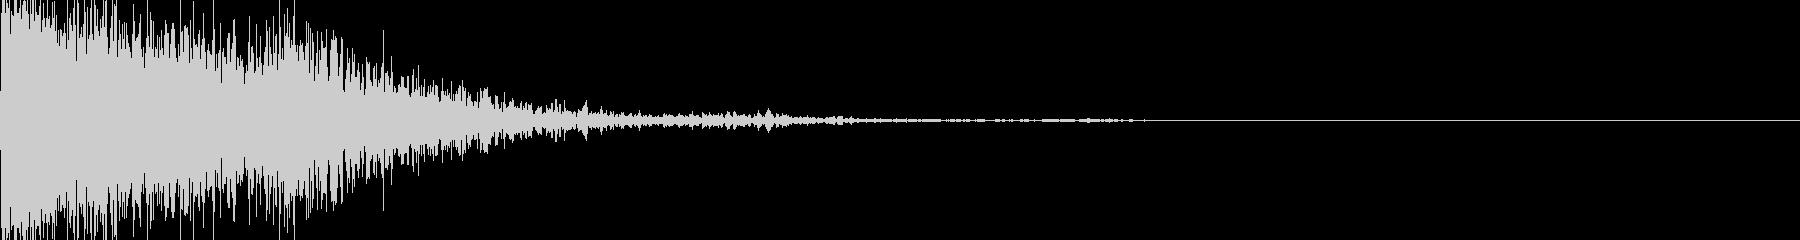 加速音01の未再生の波形